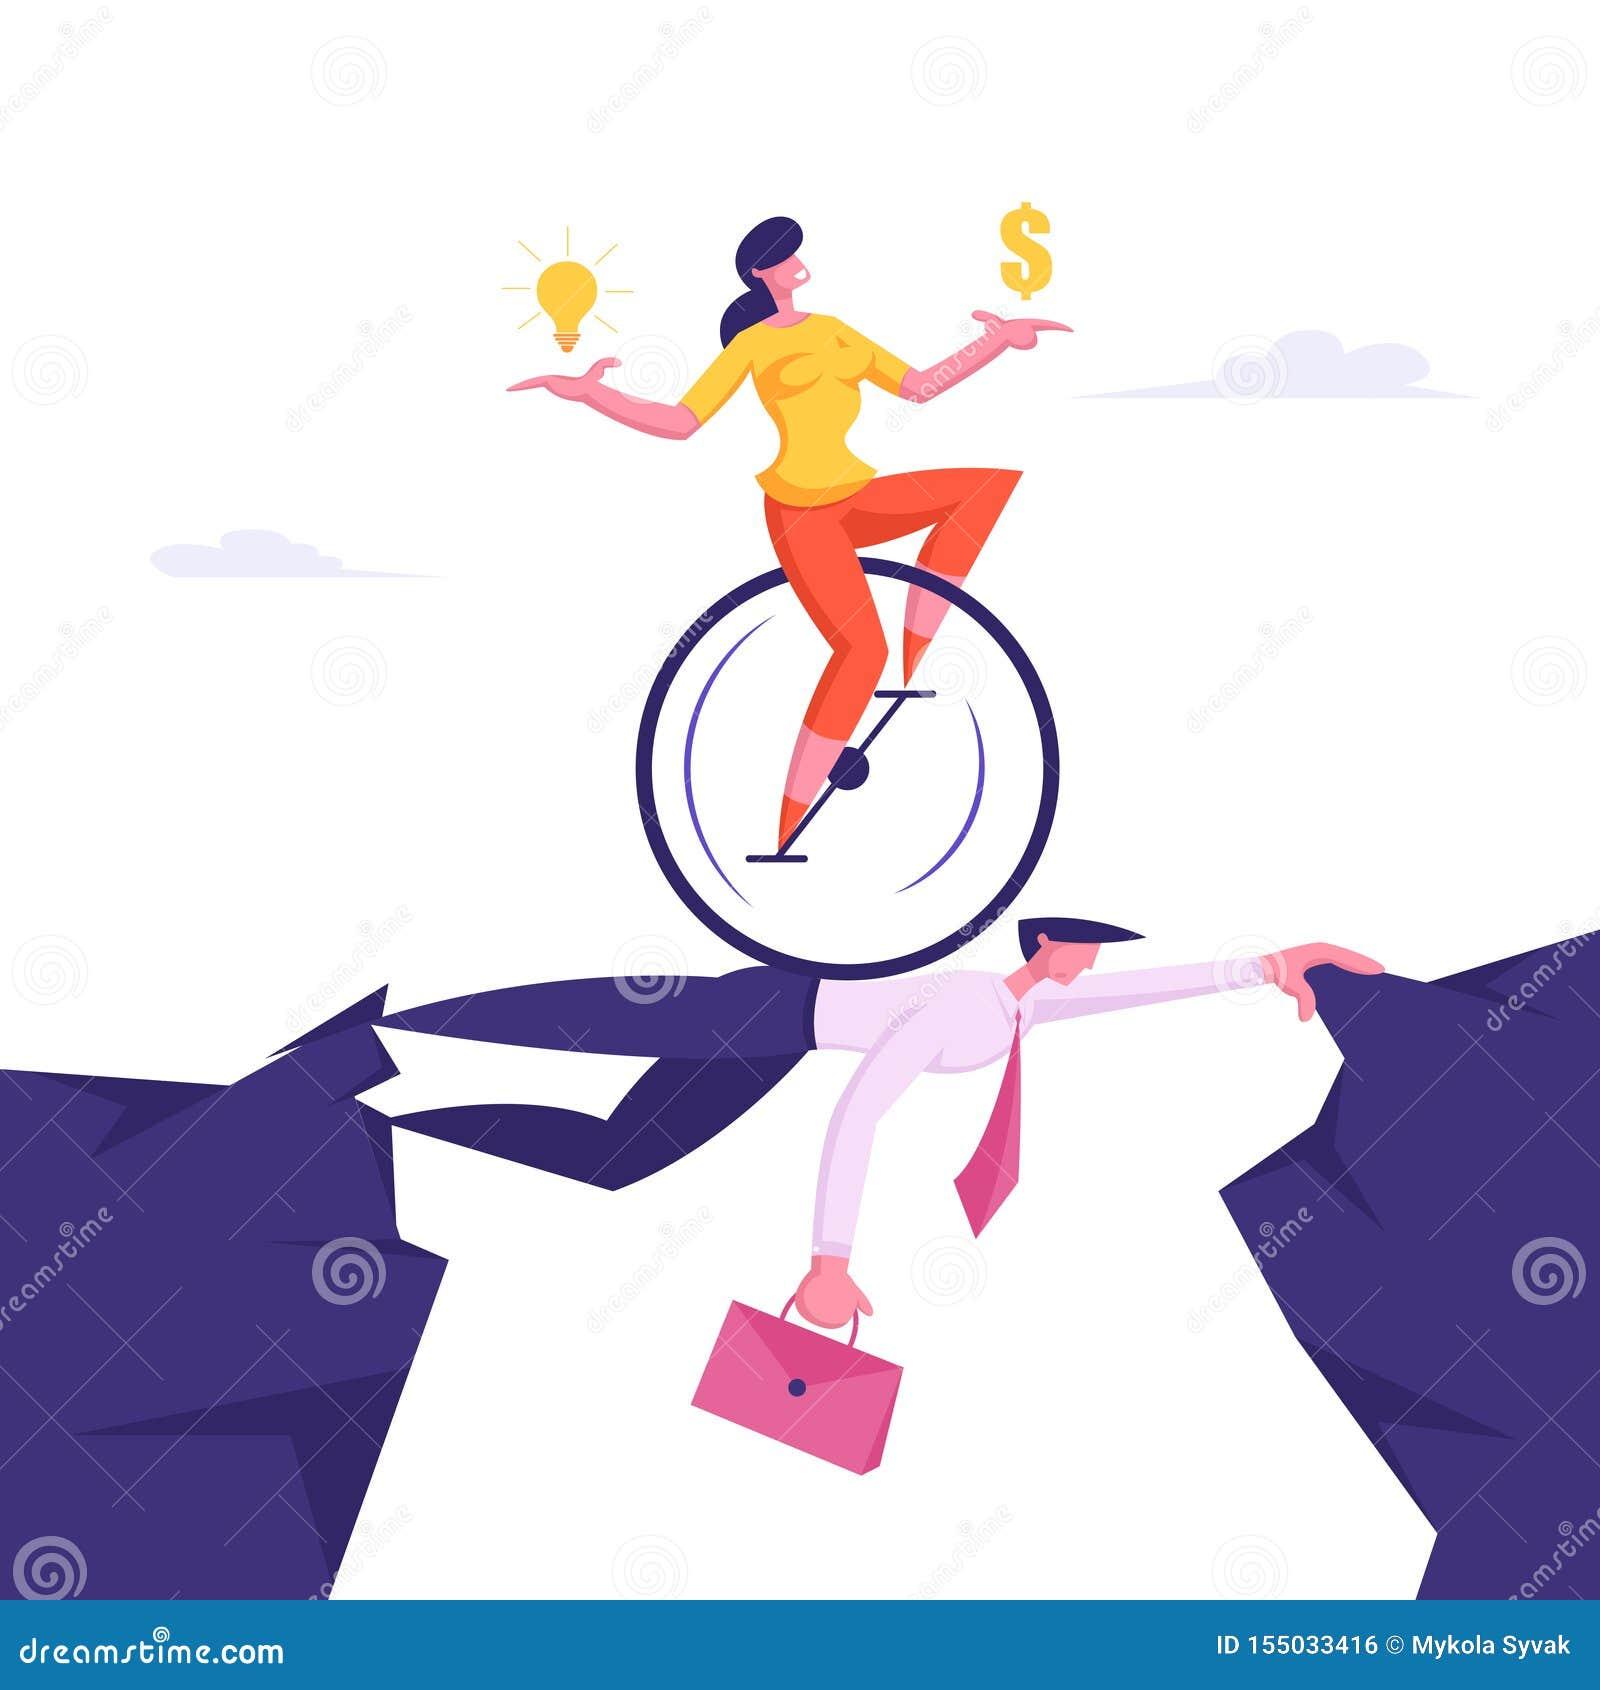 Бизнес-леди на Monowheel с долларом и электрической лампочкой в руках ехать наверху коллеги бизнесмена